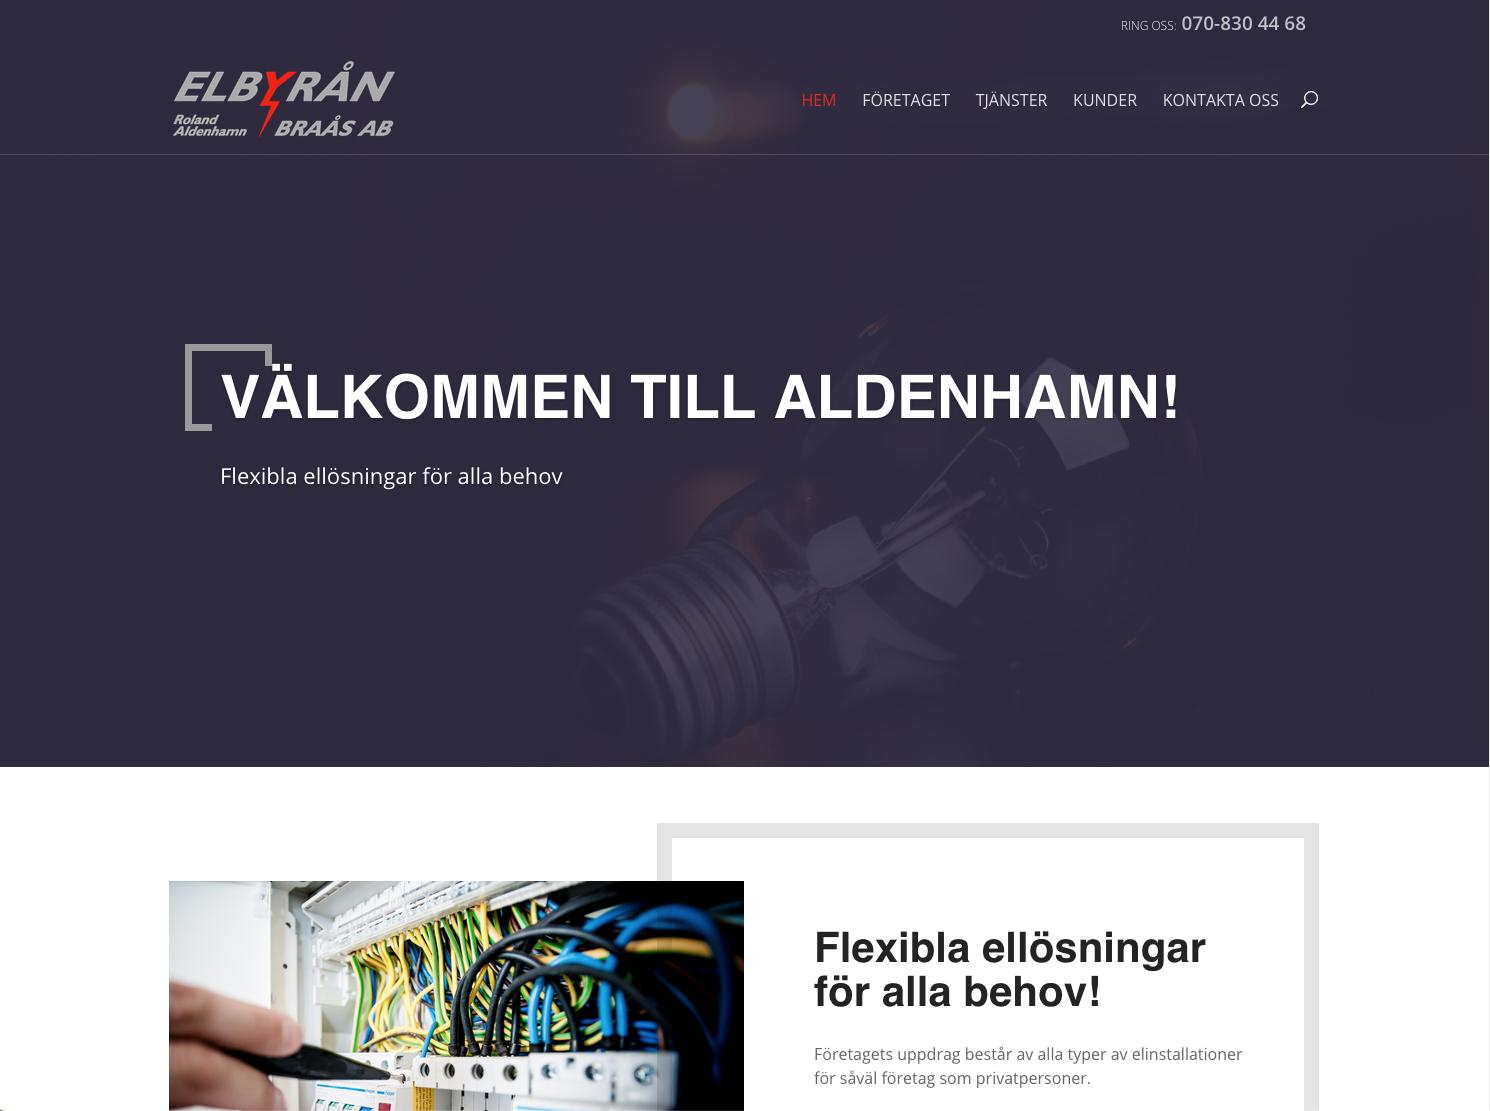 Elbyrån i Braås har fått en ny hemsida